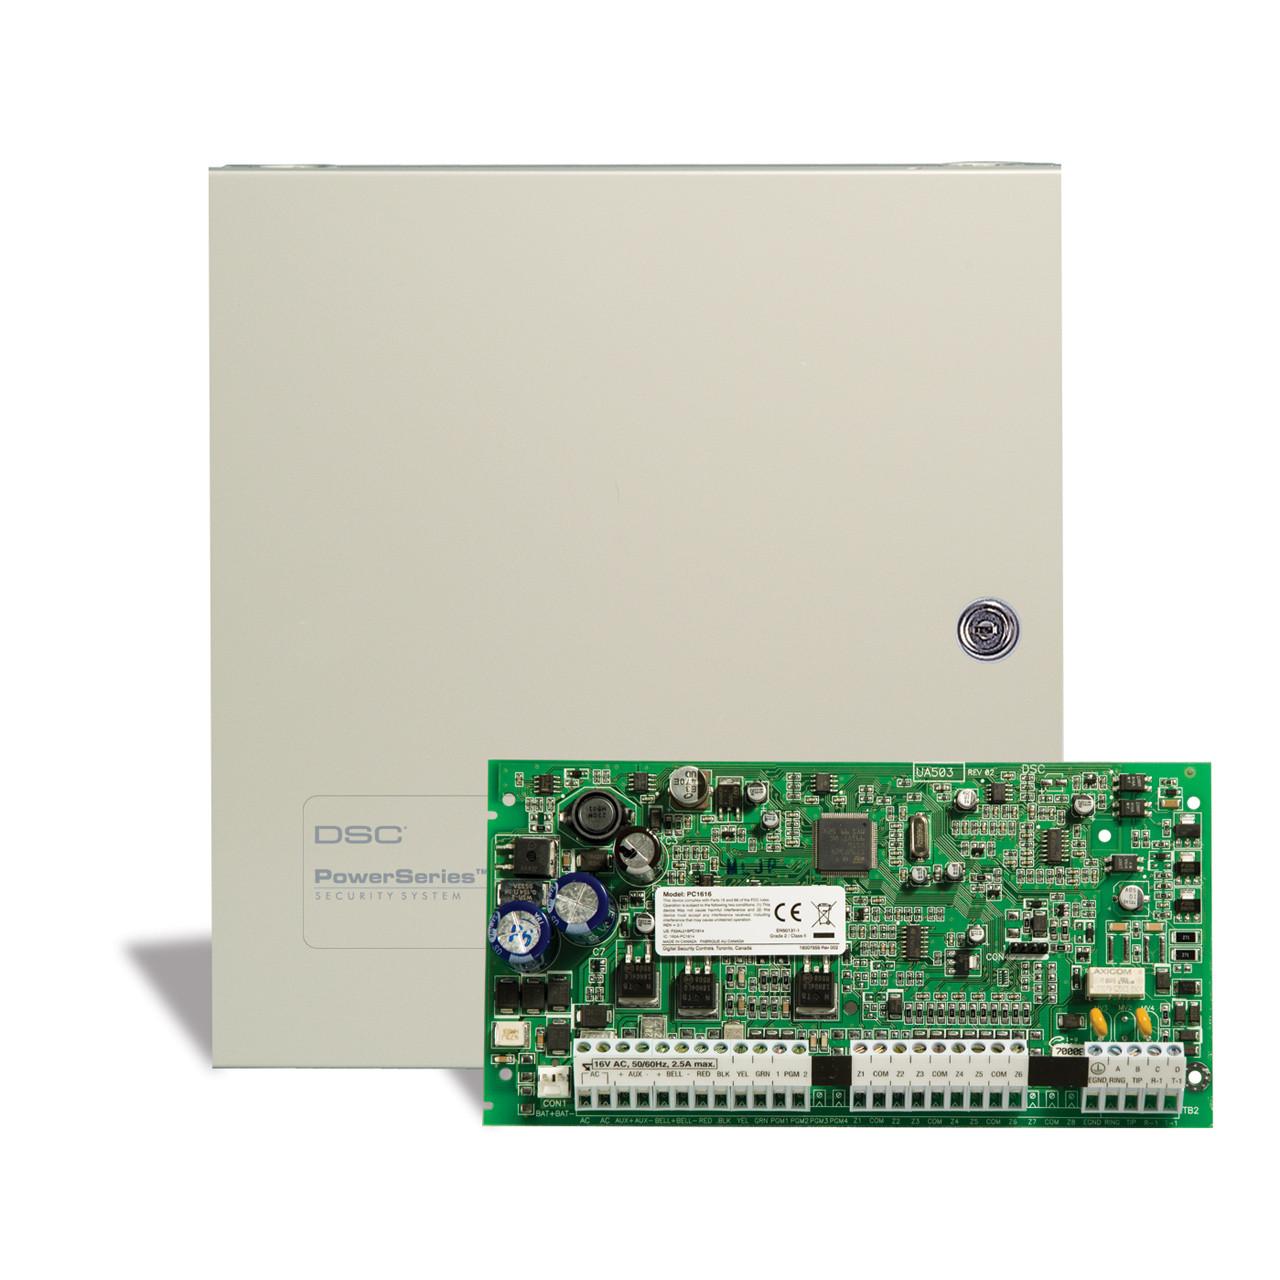 Dsc Pc1832 Manual Instalador Expert User Guide 5010 Wiring Diagram U2022 Rh 149 28 103 1 Schematic Security